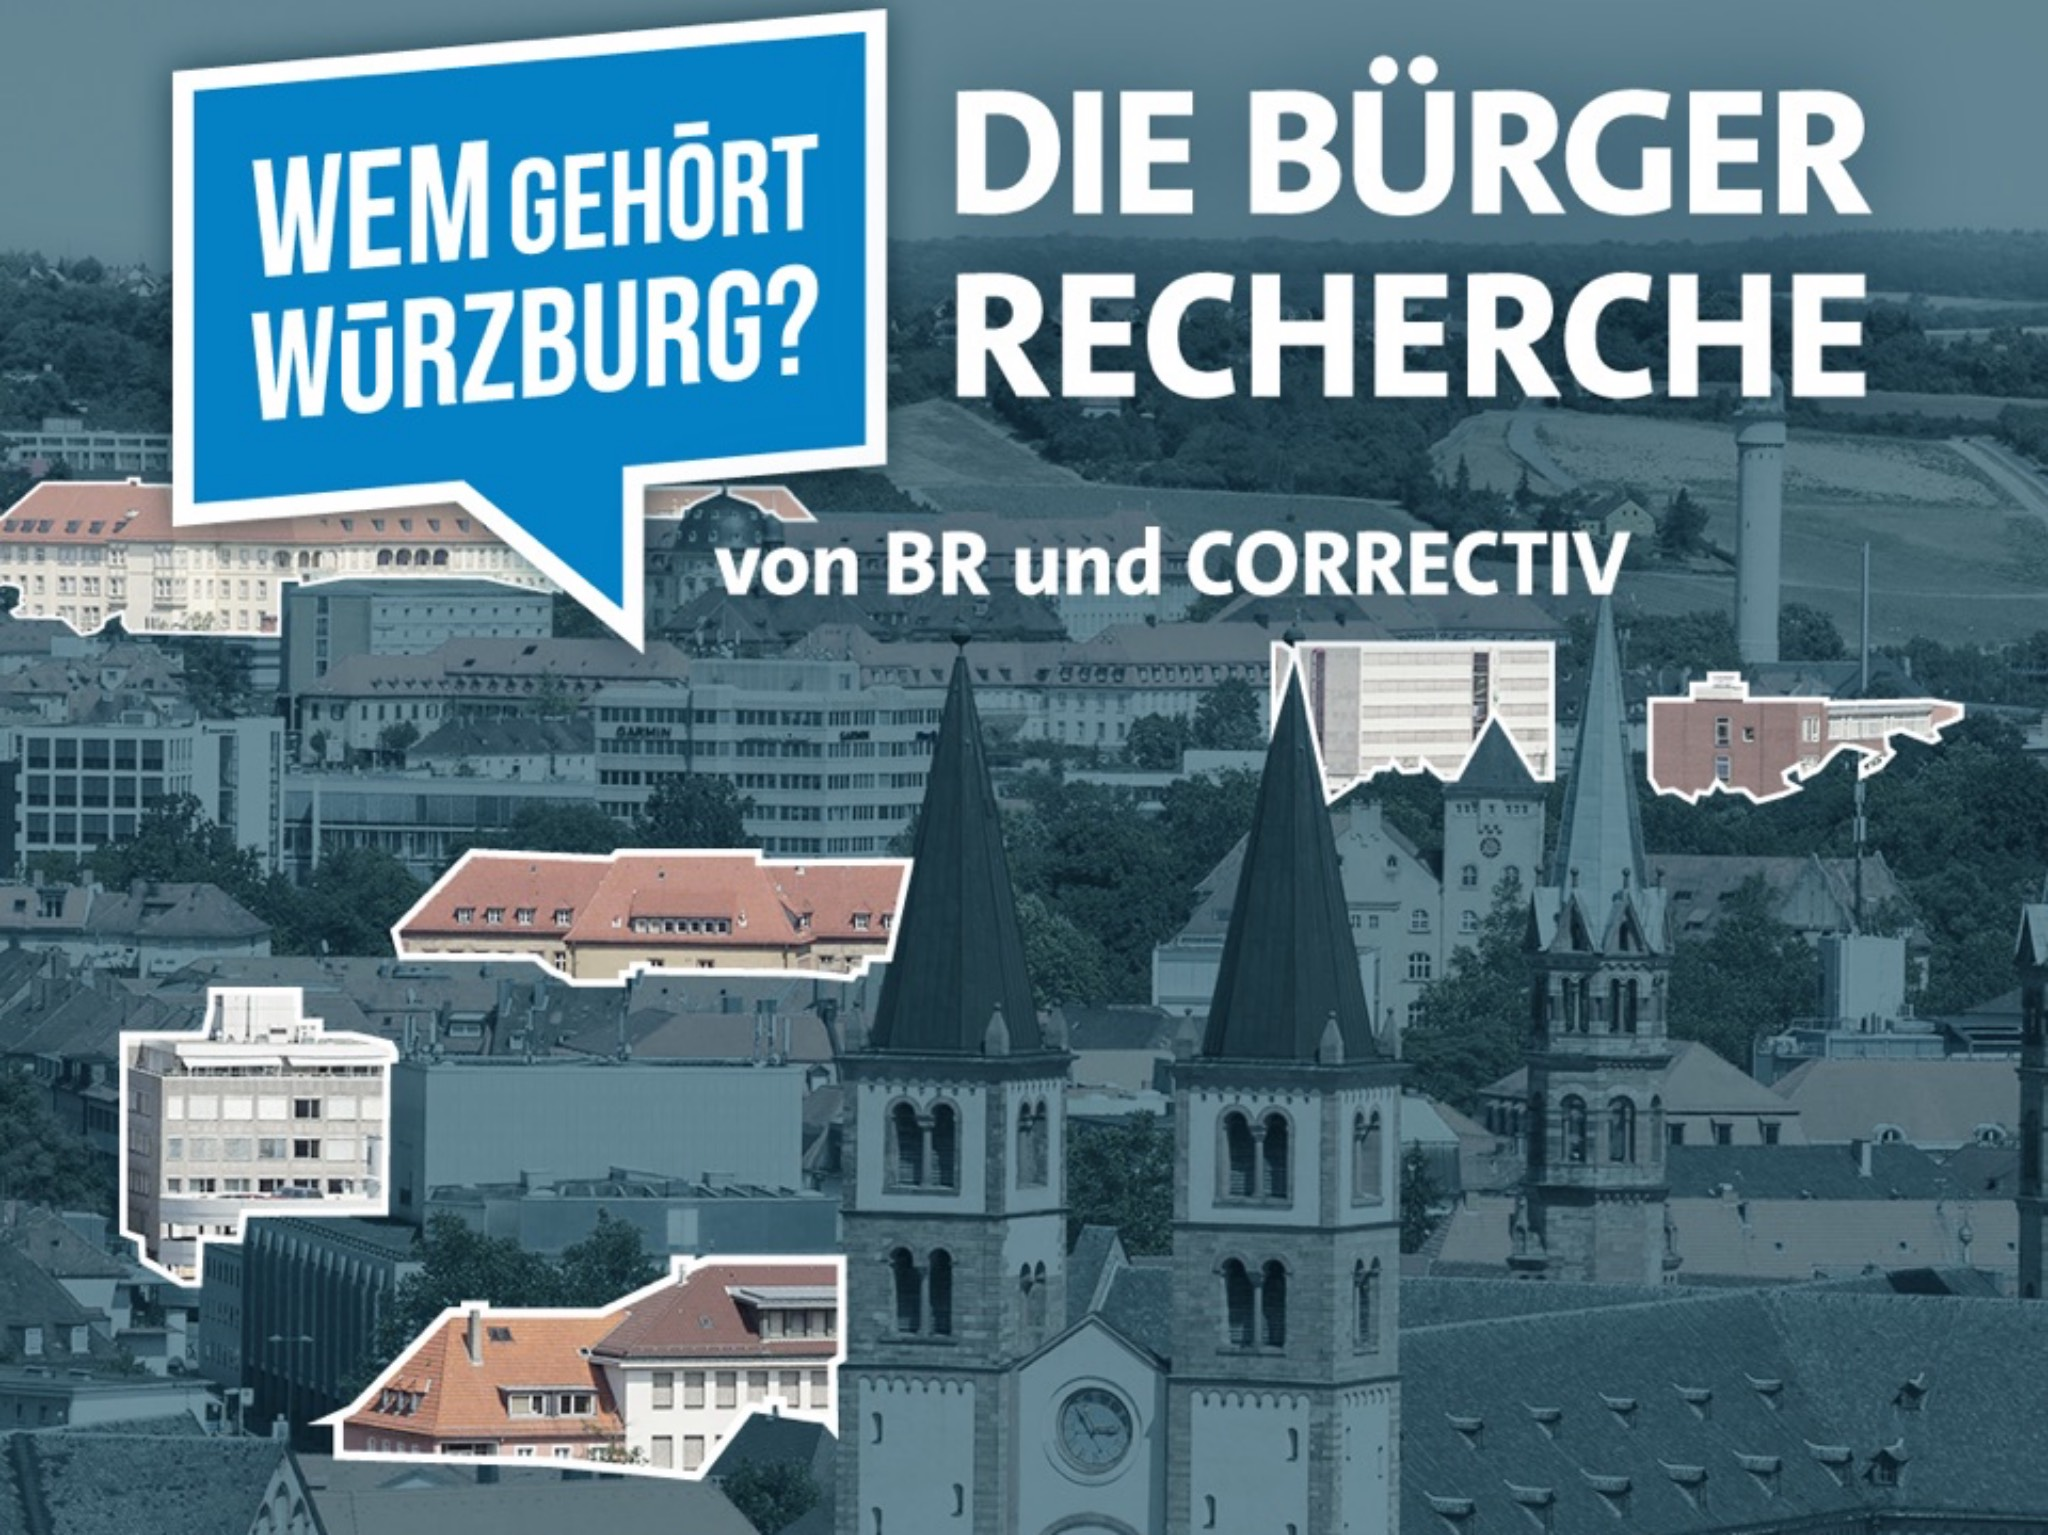 """""""Wem gehört Würzburg?"""" - Eine Bürgerrecherche. Grafik: BR/picture alliance"""